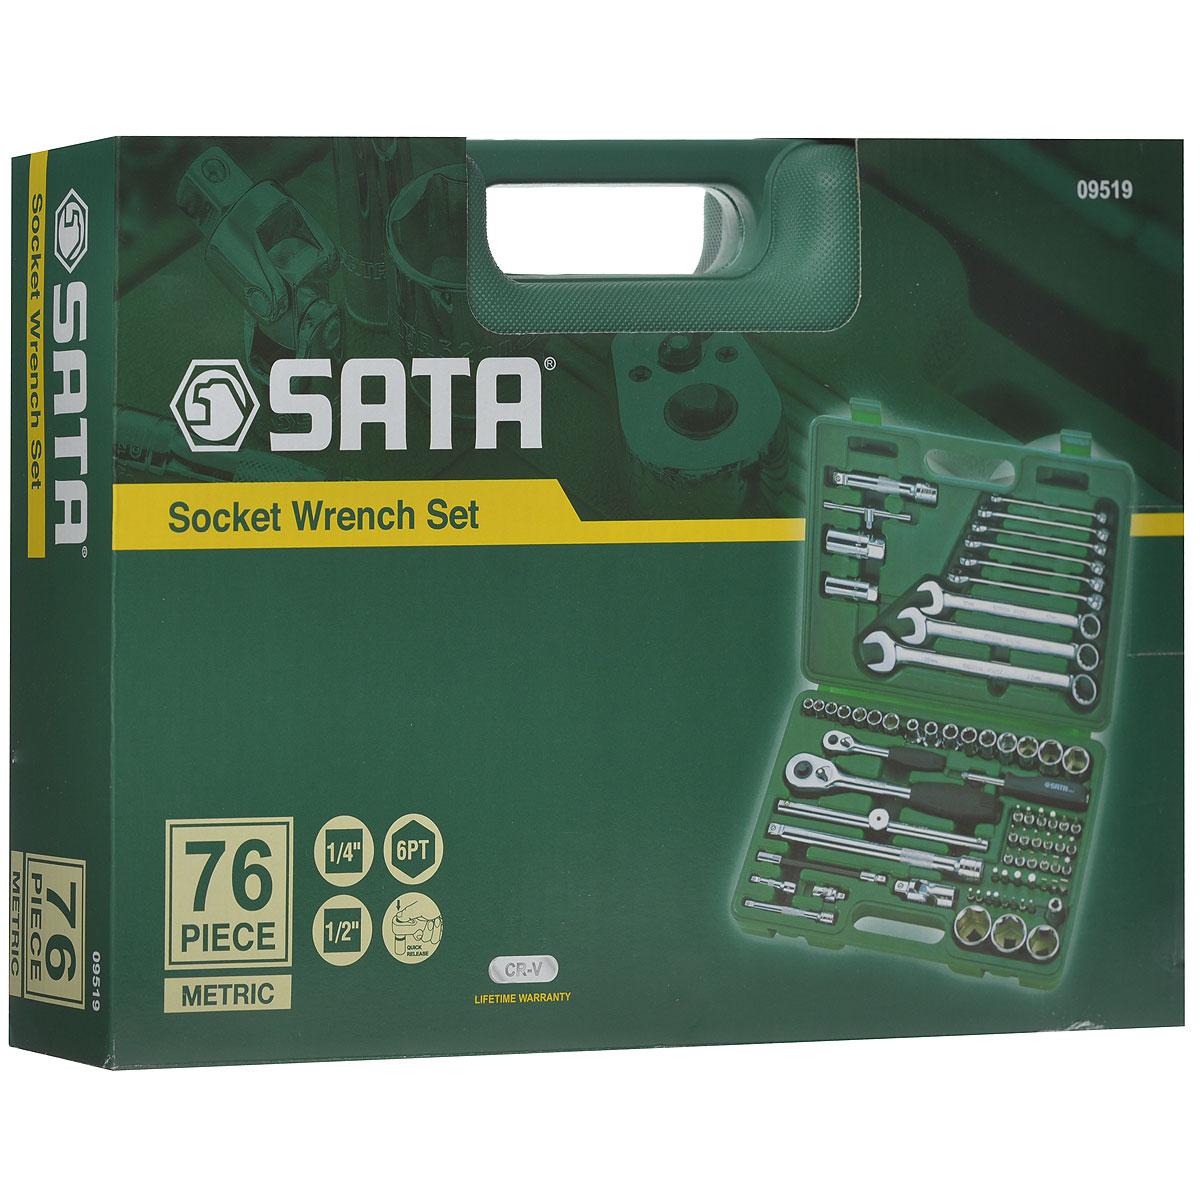 Набор инструментов SATA 76пр. 0951909519Набор инструментов Sata - это необходимый предмет в каждом доме. Он включает в себя 76 предметов, которые умещаются в небольшом пластиковом кейсе. Такой набор будет идеальным подарком мужчине. Состав набора: Биты шлицевые: 8 мм, 10 мм, 12 мм. Биты POZI: PZ1, PZ4. Биты Phillips: РН3, РН4. Биты TORX: Т40, T45, T50, T55. Биты HEX: 9 мм, 10 мм, 12 мм, 14 мм. Ключ свечной 1/2: 16 мм. Ключ свечной 1/2: 21мм. Биты шлицевые с хвостовиком под ключ 1/4: 4 мм, 5,5 мм, 6,5 мм. Биты POZI с хвостовиком под ключ 1/4: PZ1, PZ2. Биты Phillips с хвостовиком под ключ 1/4: PH1, PH2. Биты TORX с хвостовиком под ключ 1/4: Т8, T10, T15, T20, T25, T30, T40. Биты HEX с хвостовиком под ключ 1/4: 3 мм, 4 мм, 5 мм, 6 мм. Привод 1/2. Рукоятка реверсивная 1/2. Удлинитель 1/2: 125мм. Удлинитель 1/2: 250 мм. Вороток 1/2: 250 мм. Шарнир карданный 1/2. Адаптер для битов 1/2. ...